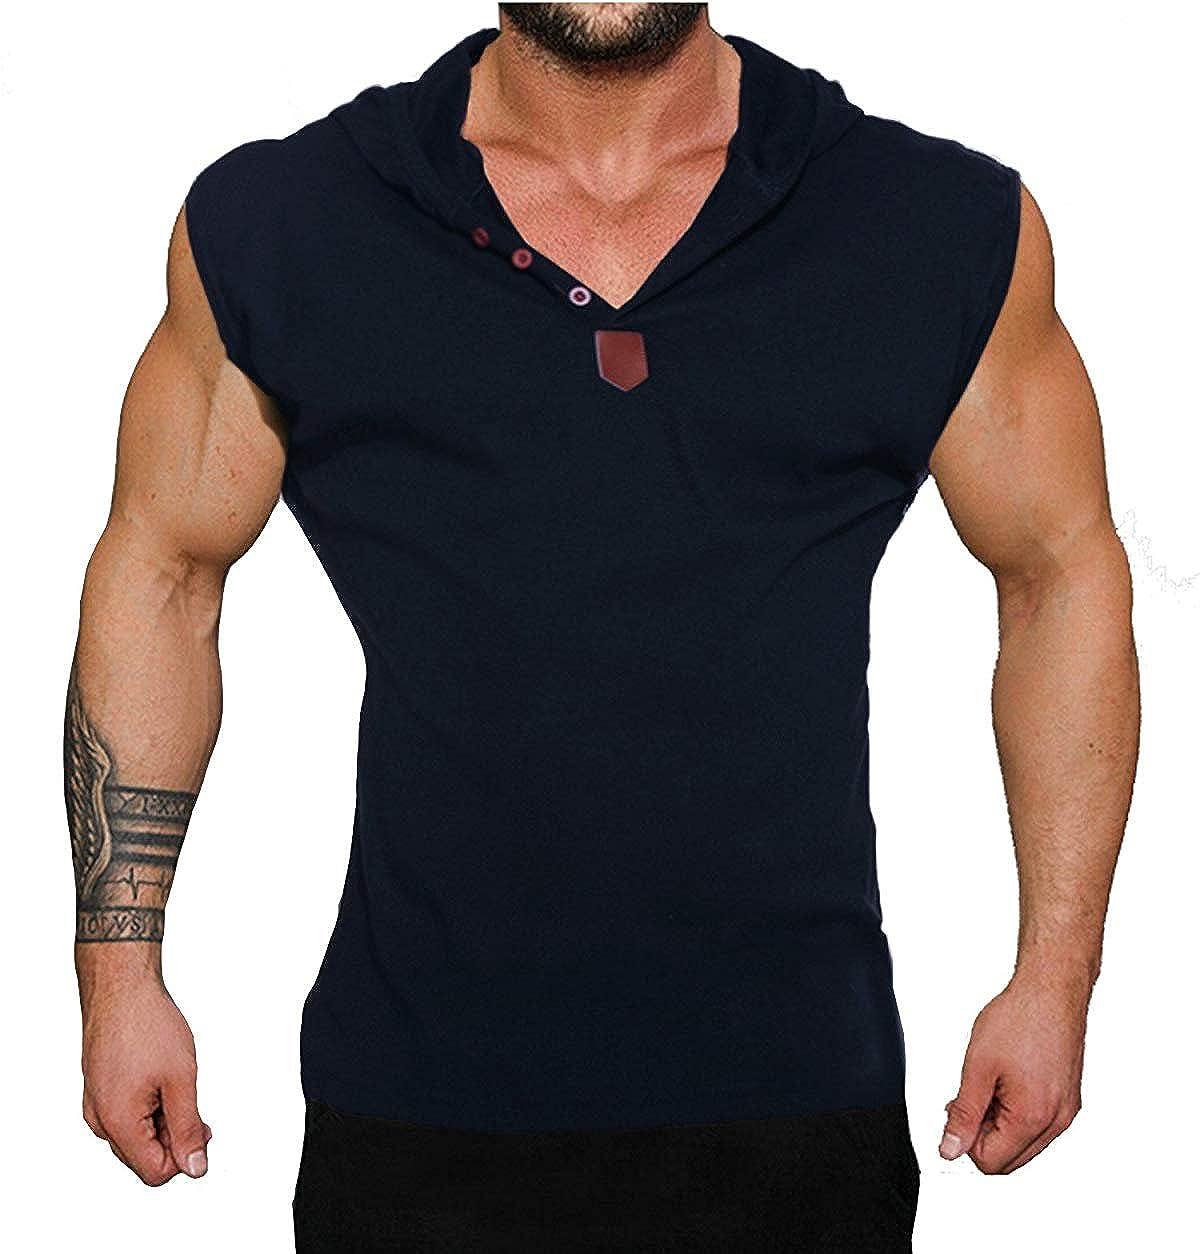 TALLA XXL(185-190cm, 80-85kg). Coofandy Camiseta de Tirantes sin Manga con Capucha y Botones Deporte y Fitness